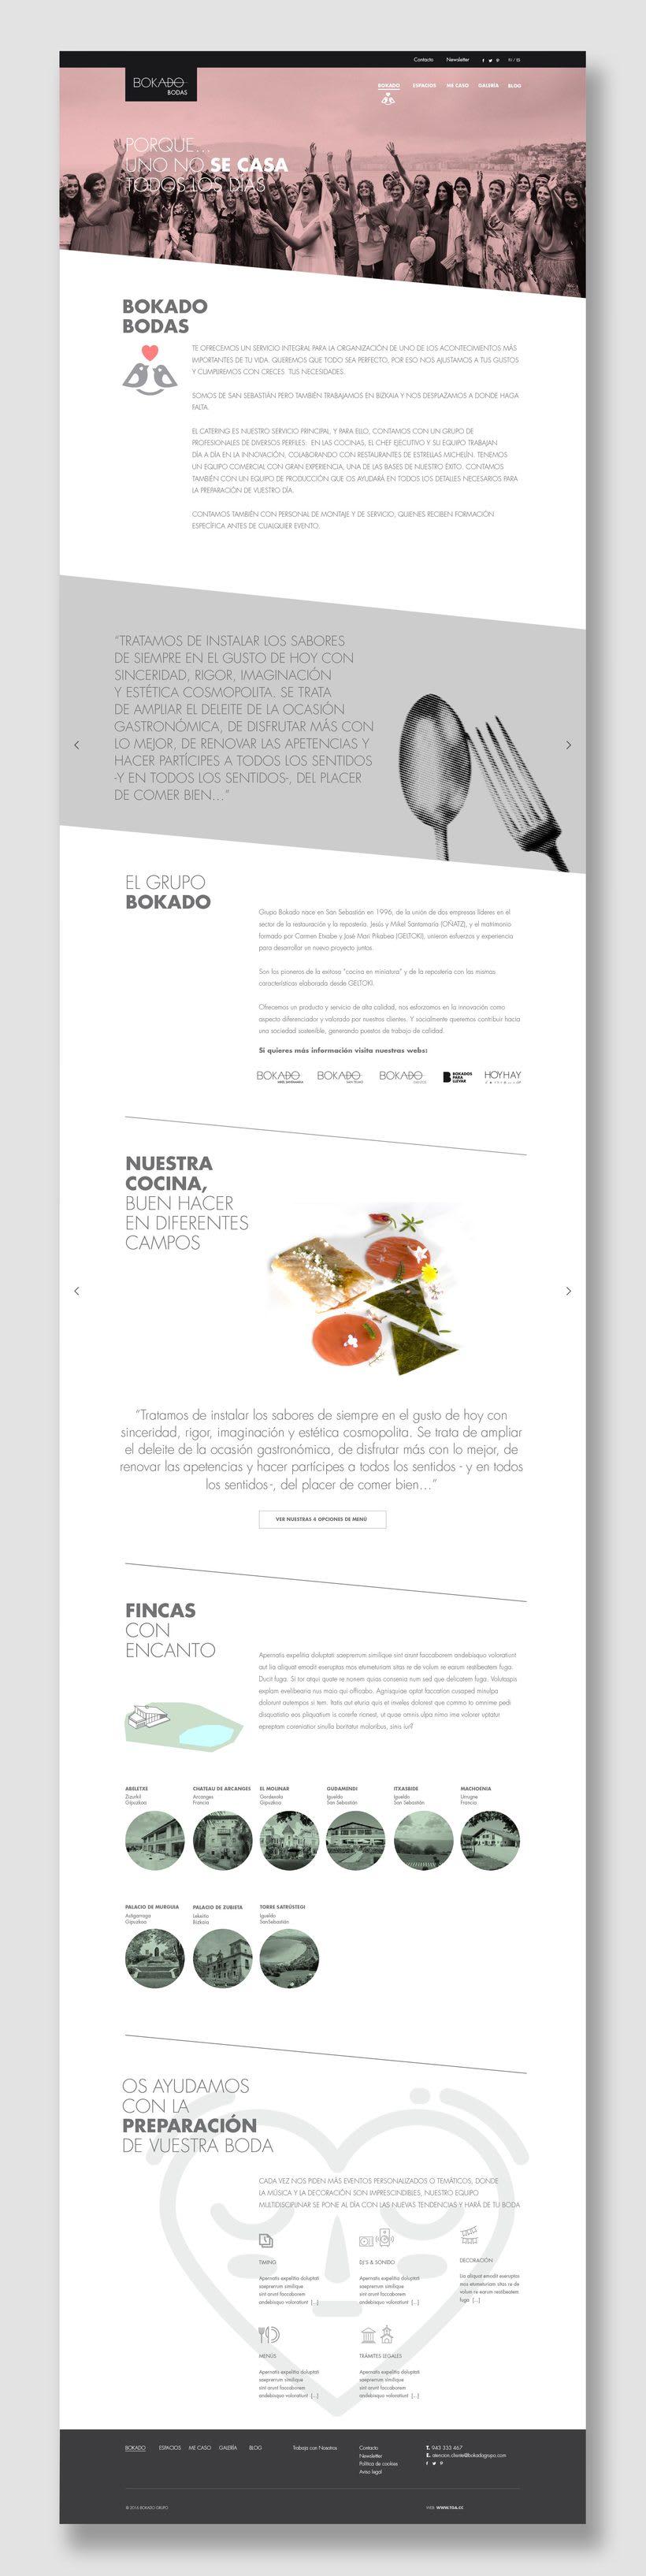 Bokado Bodas, sitio web 1